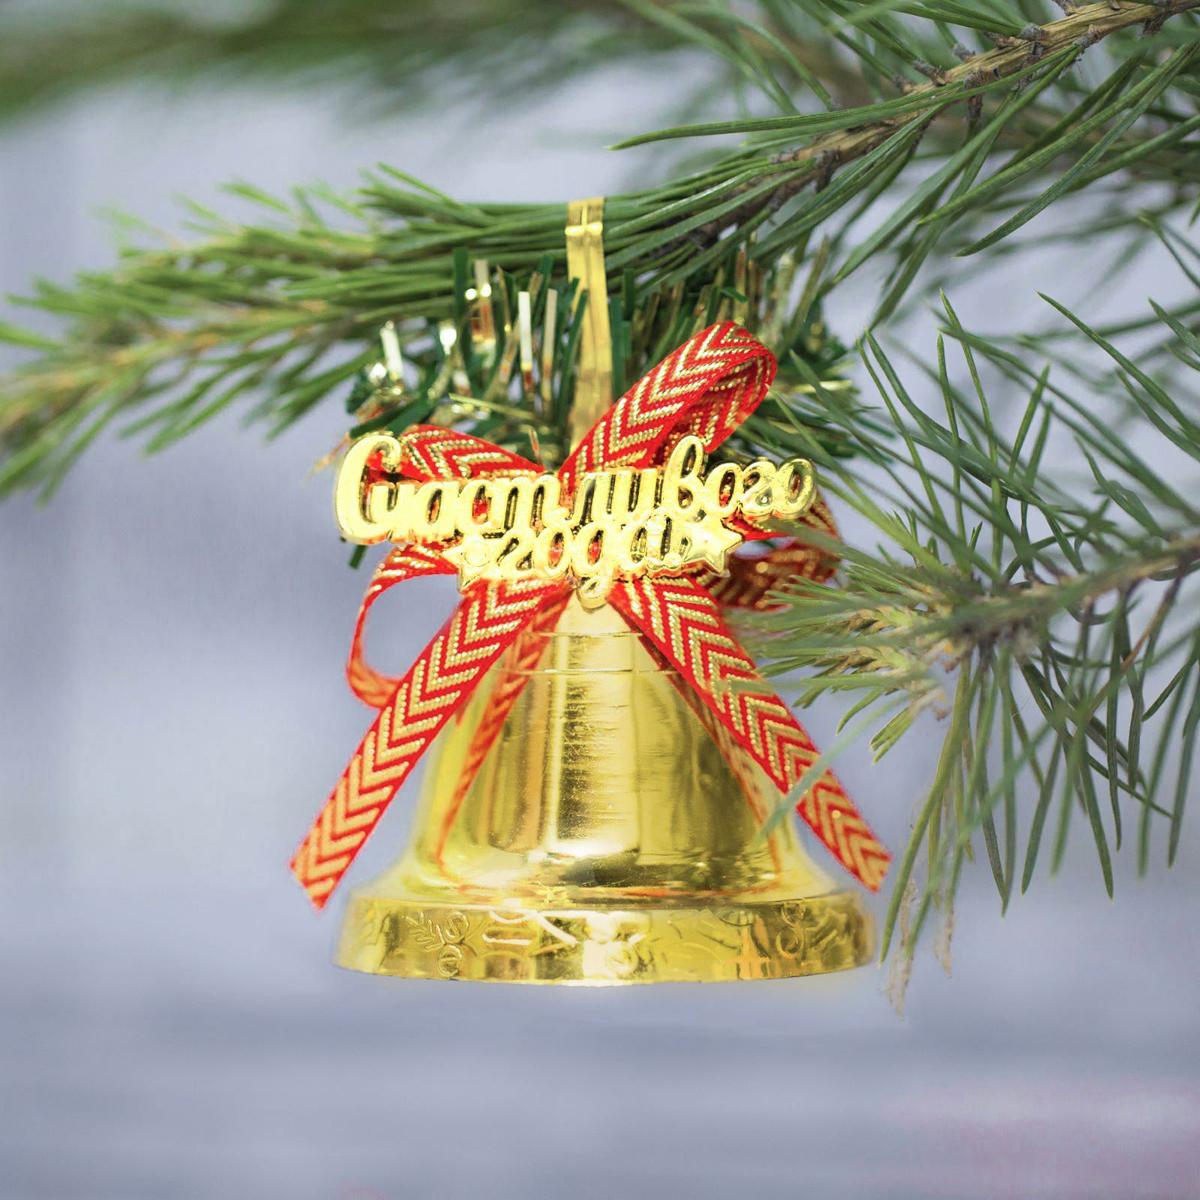 Украшение новогоднее подвесное Sima-land Колокольчик. Счастливого года!, 5,5 см х 6 см2306748Новогодние украшения Sima-land изготовлены из пластика. Изделия имеют плотный корпус, поэтому не разобьются при падении.Невозможно представить нашу жизнь без праздников! Новогодние украшения несут в себе волшебство и красоту праздника. Создайте в своем доме атмосферу тепла, веселья и радости, украшая его всей семьей.